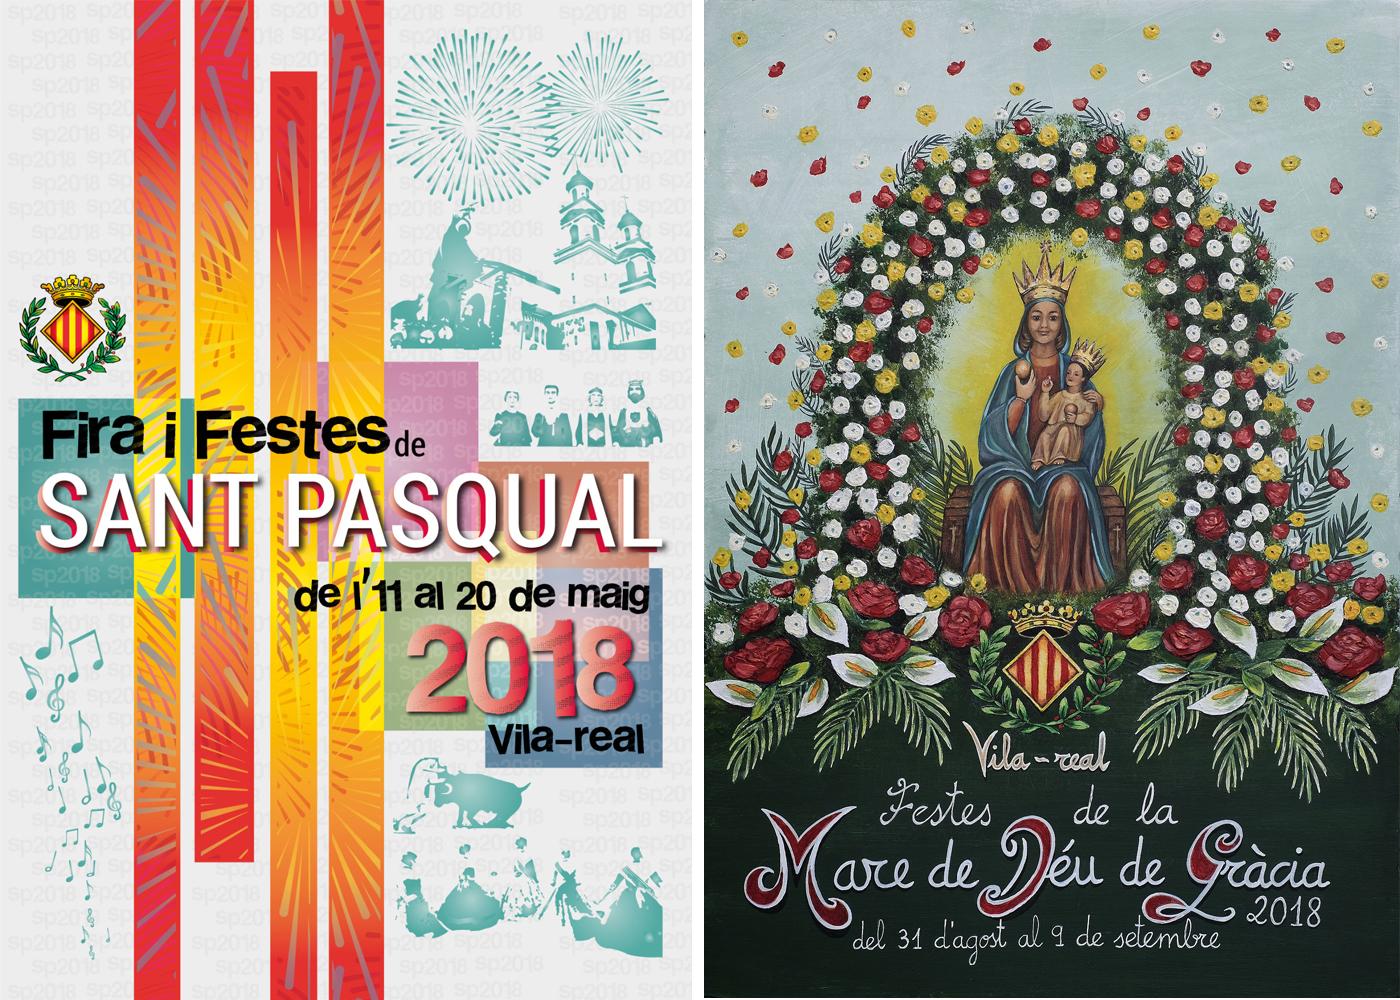 Los carteles de Elisabet Trilles y Sonia Ortiz ilustrarán los programas de fiestas de San Pascual y la Virgen de Gracia.